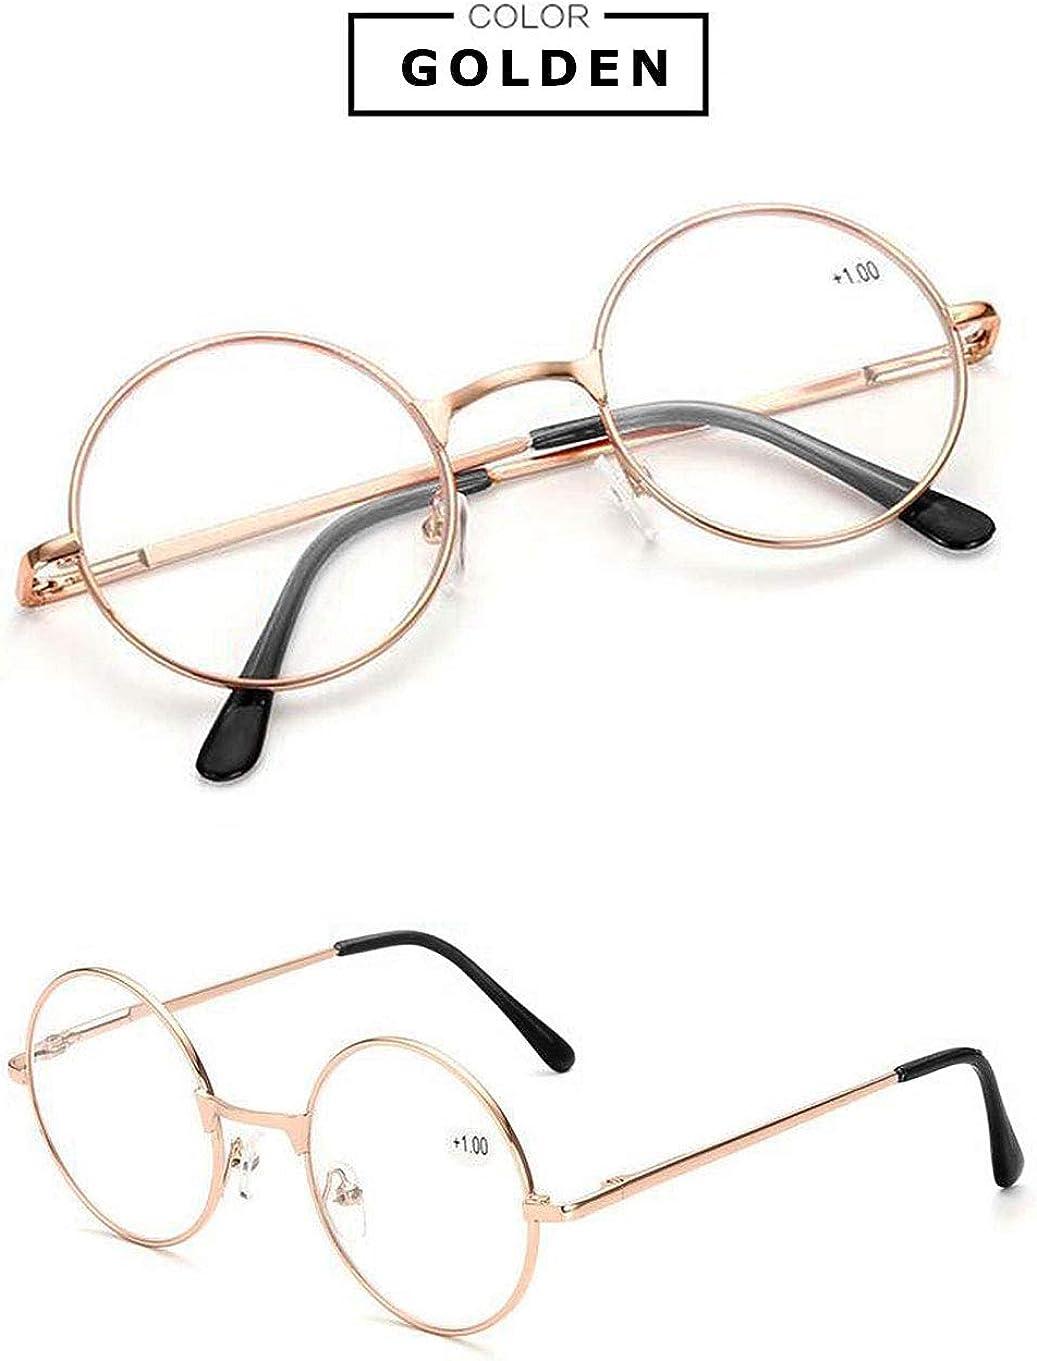 Mujer Vevesmundo Runde Metall Lesebrille Herren Damen Nickelbrille Lennon Brille Lesehilfe Starke Ropa Saconnects Org